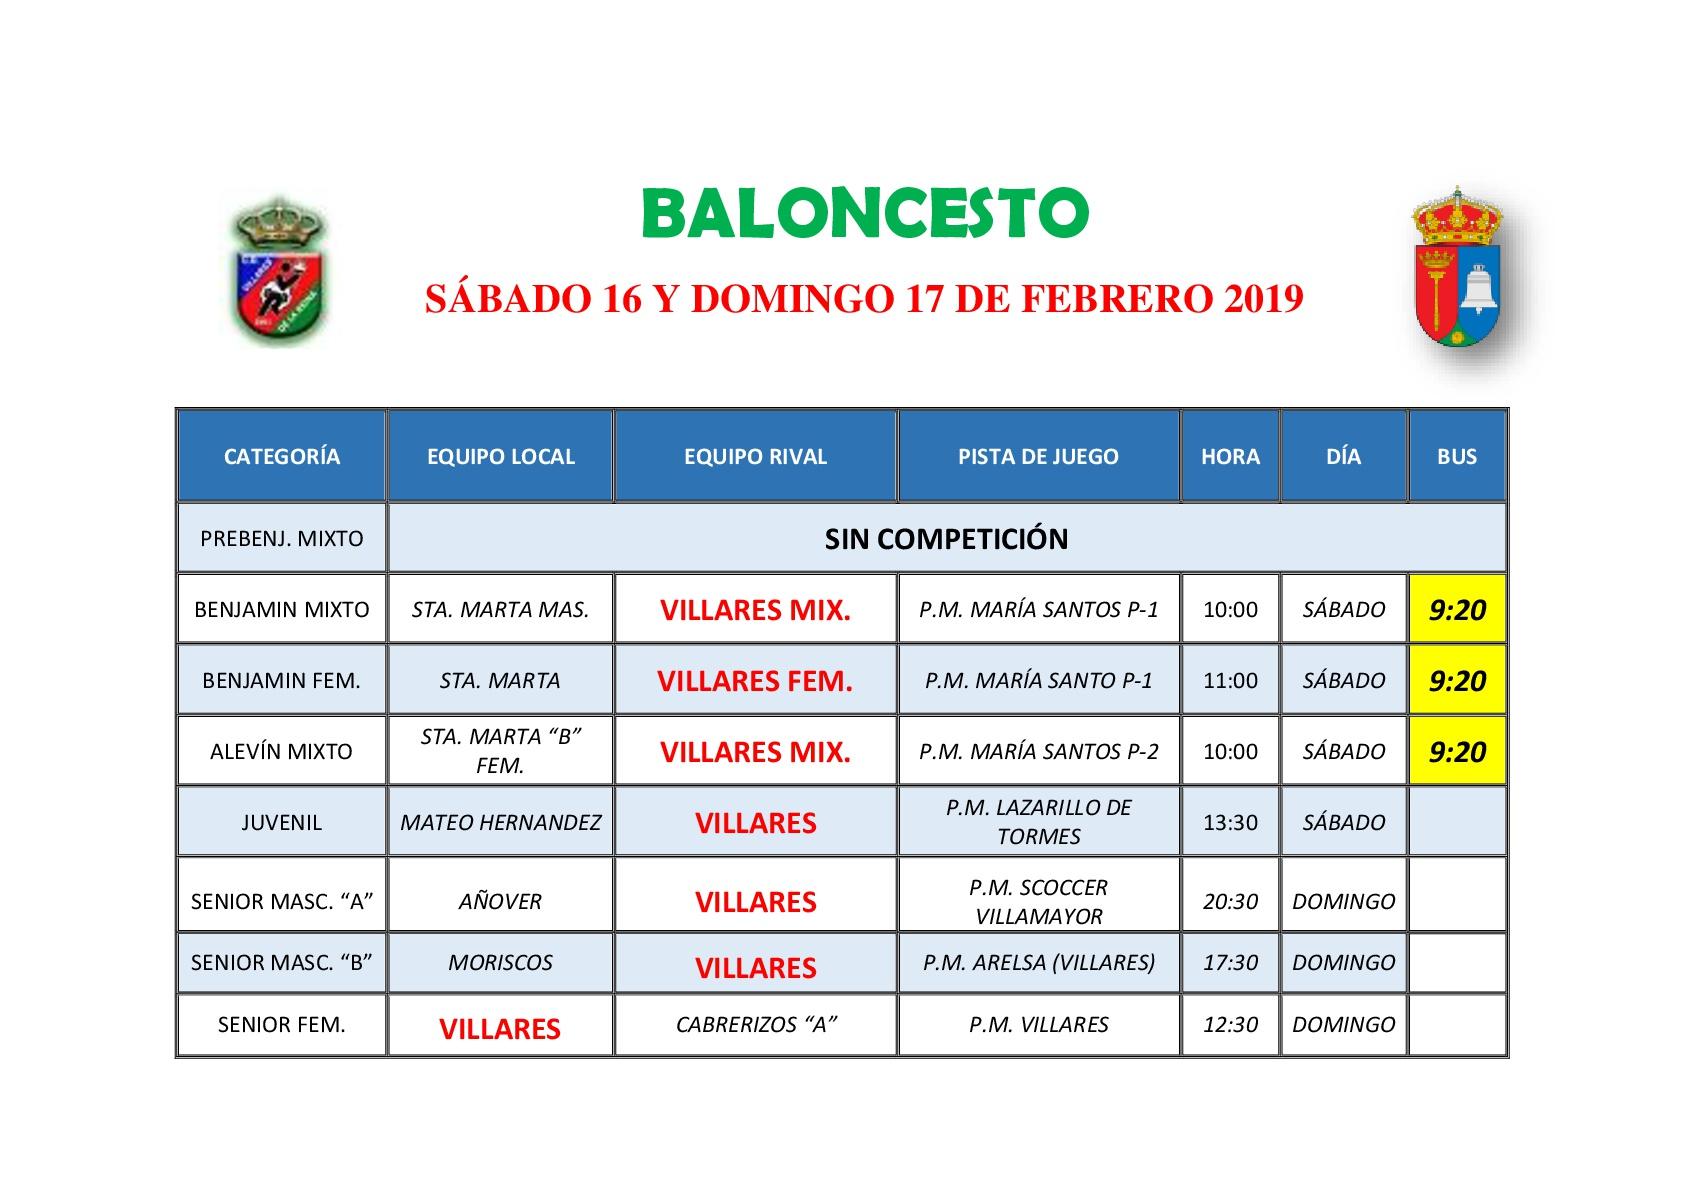 HORARIOS DE BALONCESTO SÁBADO 16 Y DOMINGO 17 DE FEBRERO